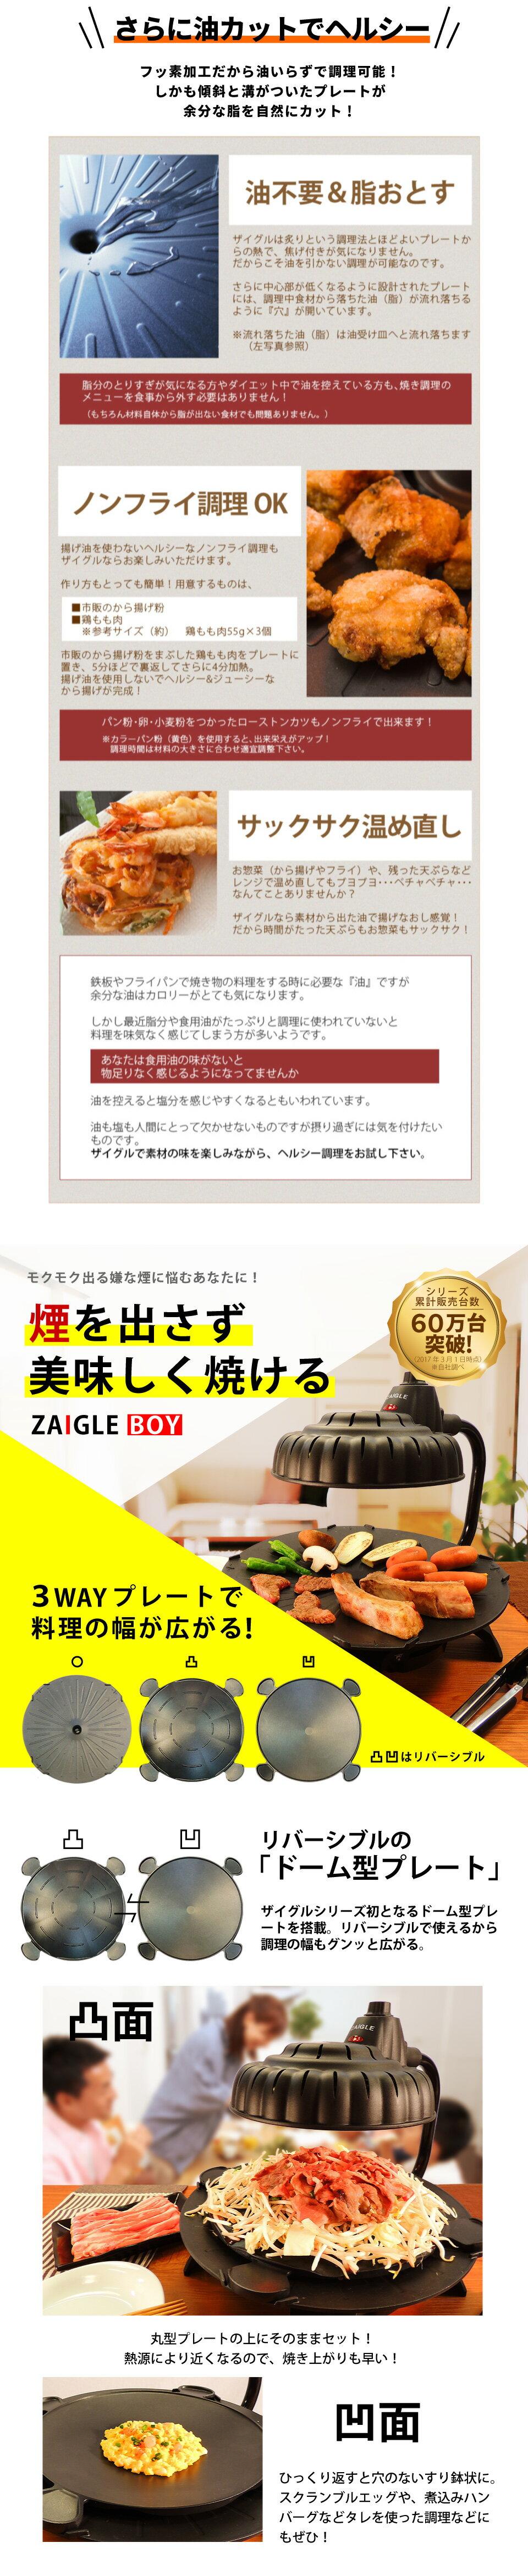 日本 ZAIGLE BOY 紅外線無煙燒烤爐 電子烤盤  /  nc-100。2色。日本必買 日本樂天代購 ( 30240 )。件件免運 2